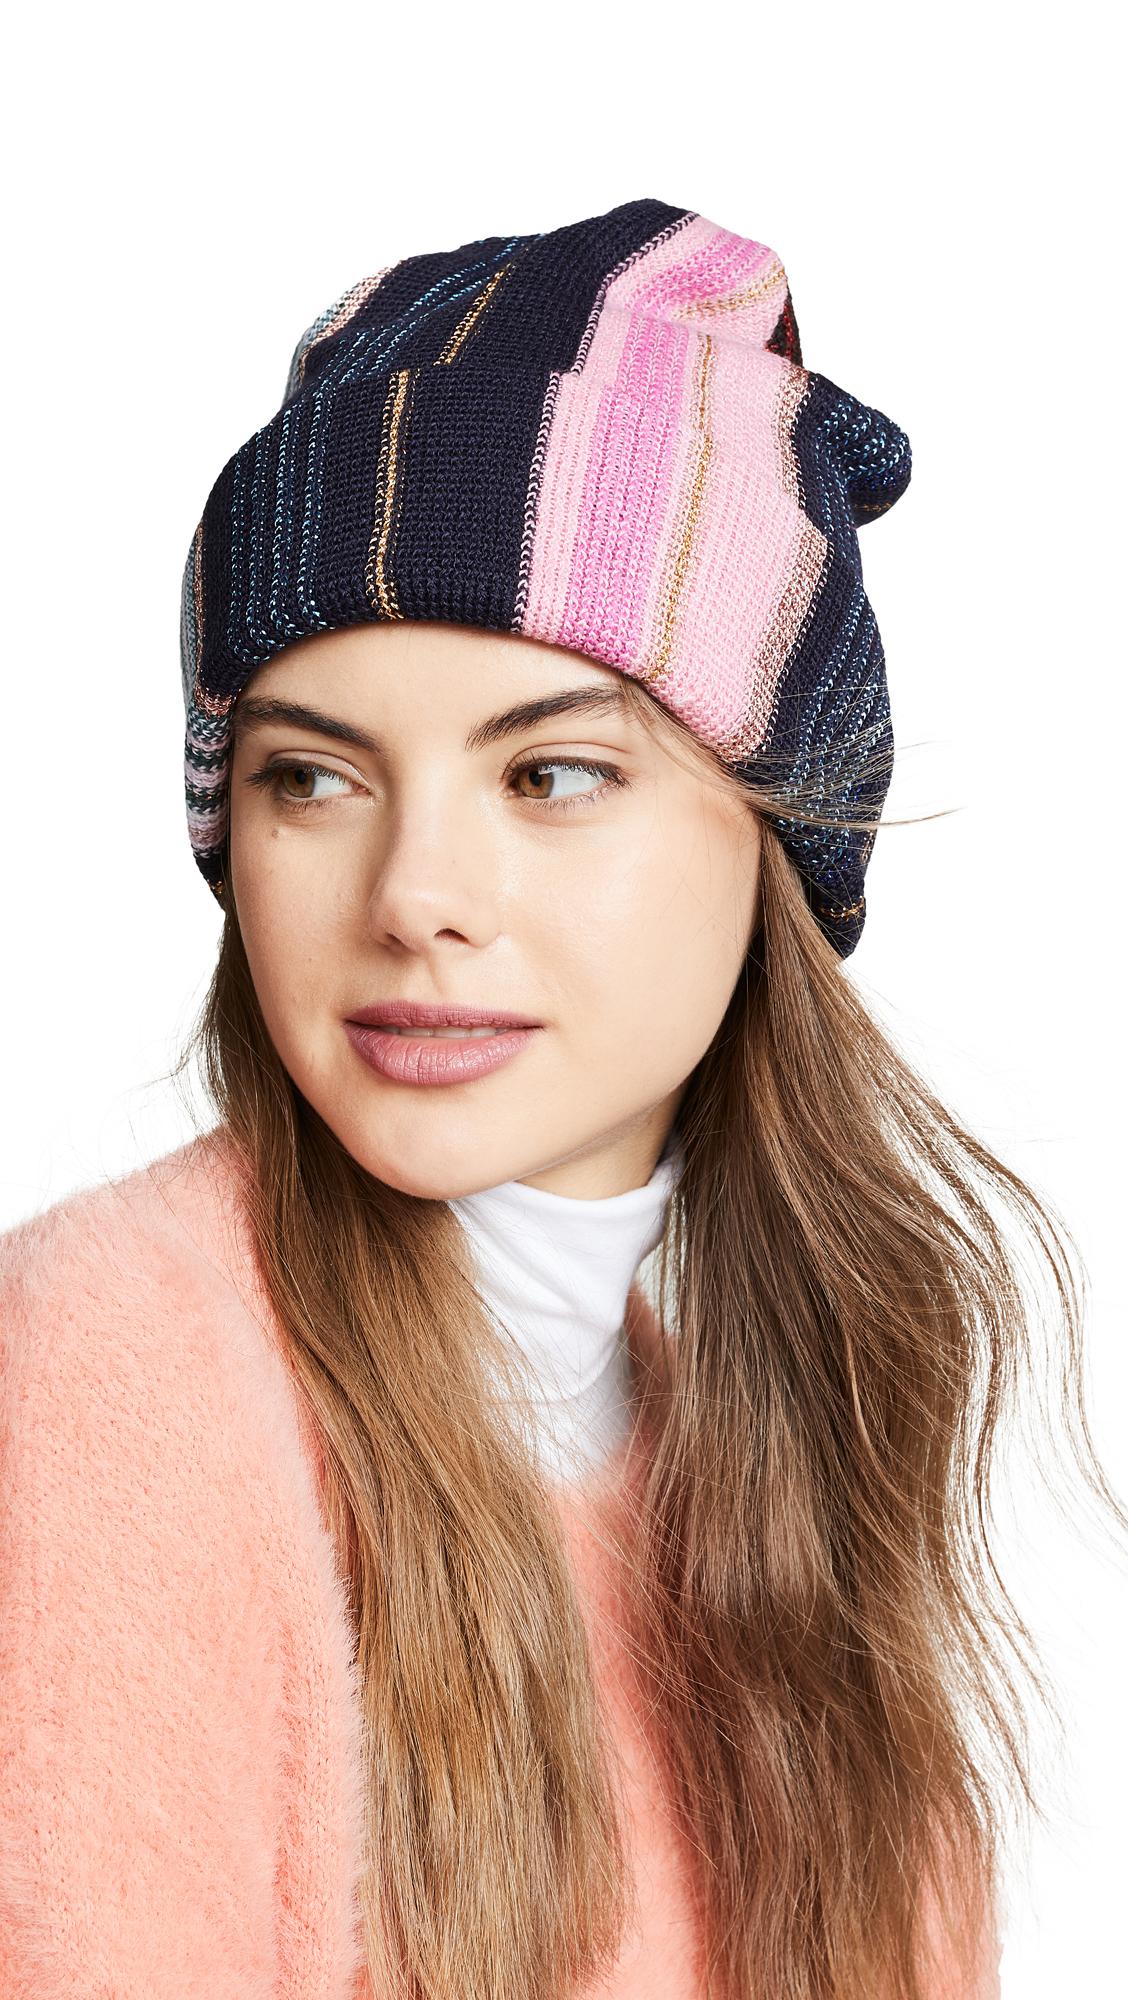 Missoni Narrow Striped Hat - Pink/Blue